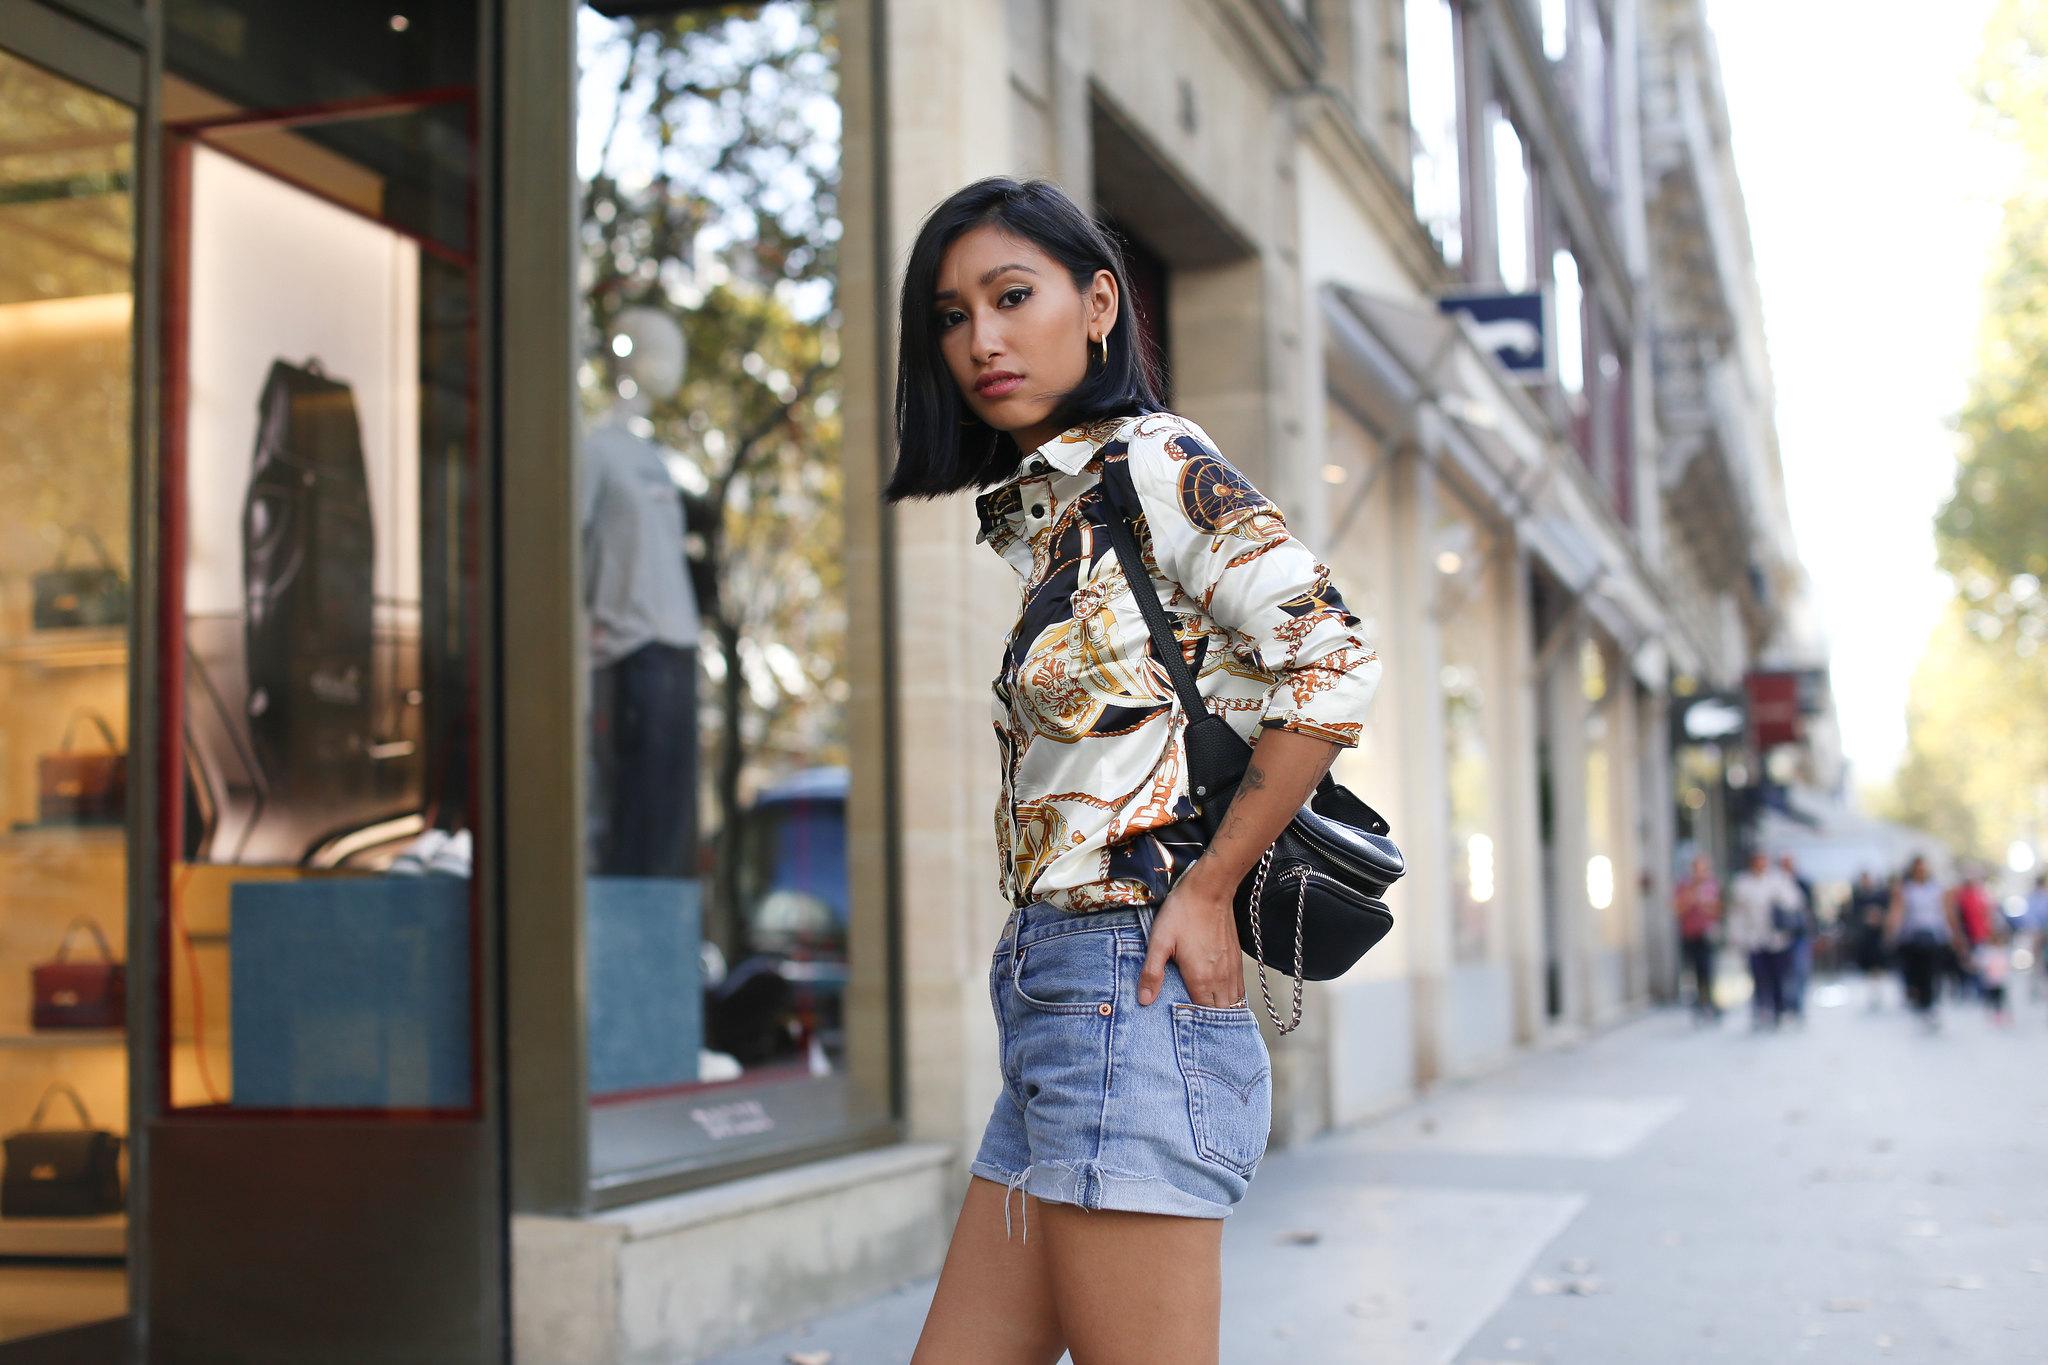 sélectionner pour authentique beaucoup de styles chaussure La chemise imprimée foulard - Blog Mode Paris, lifestyle ...